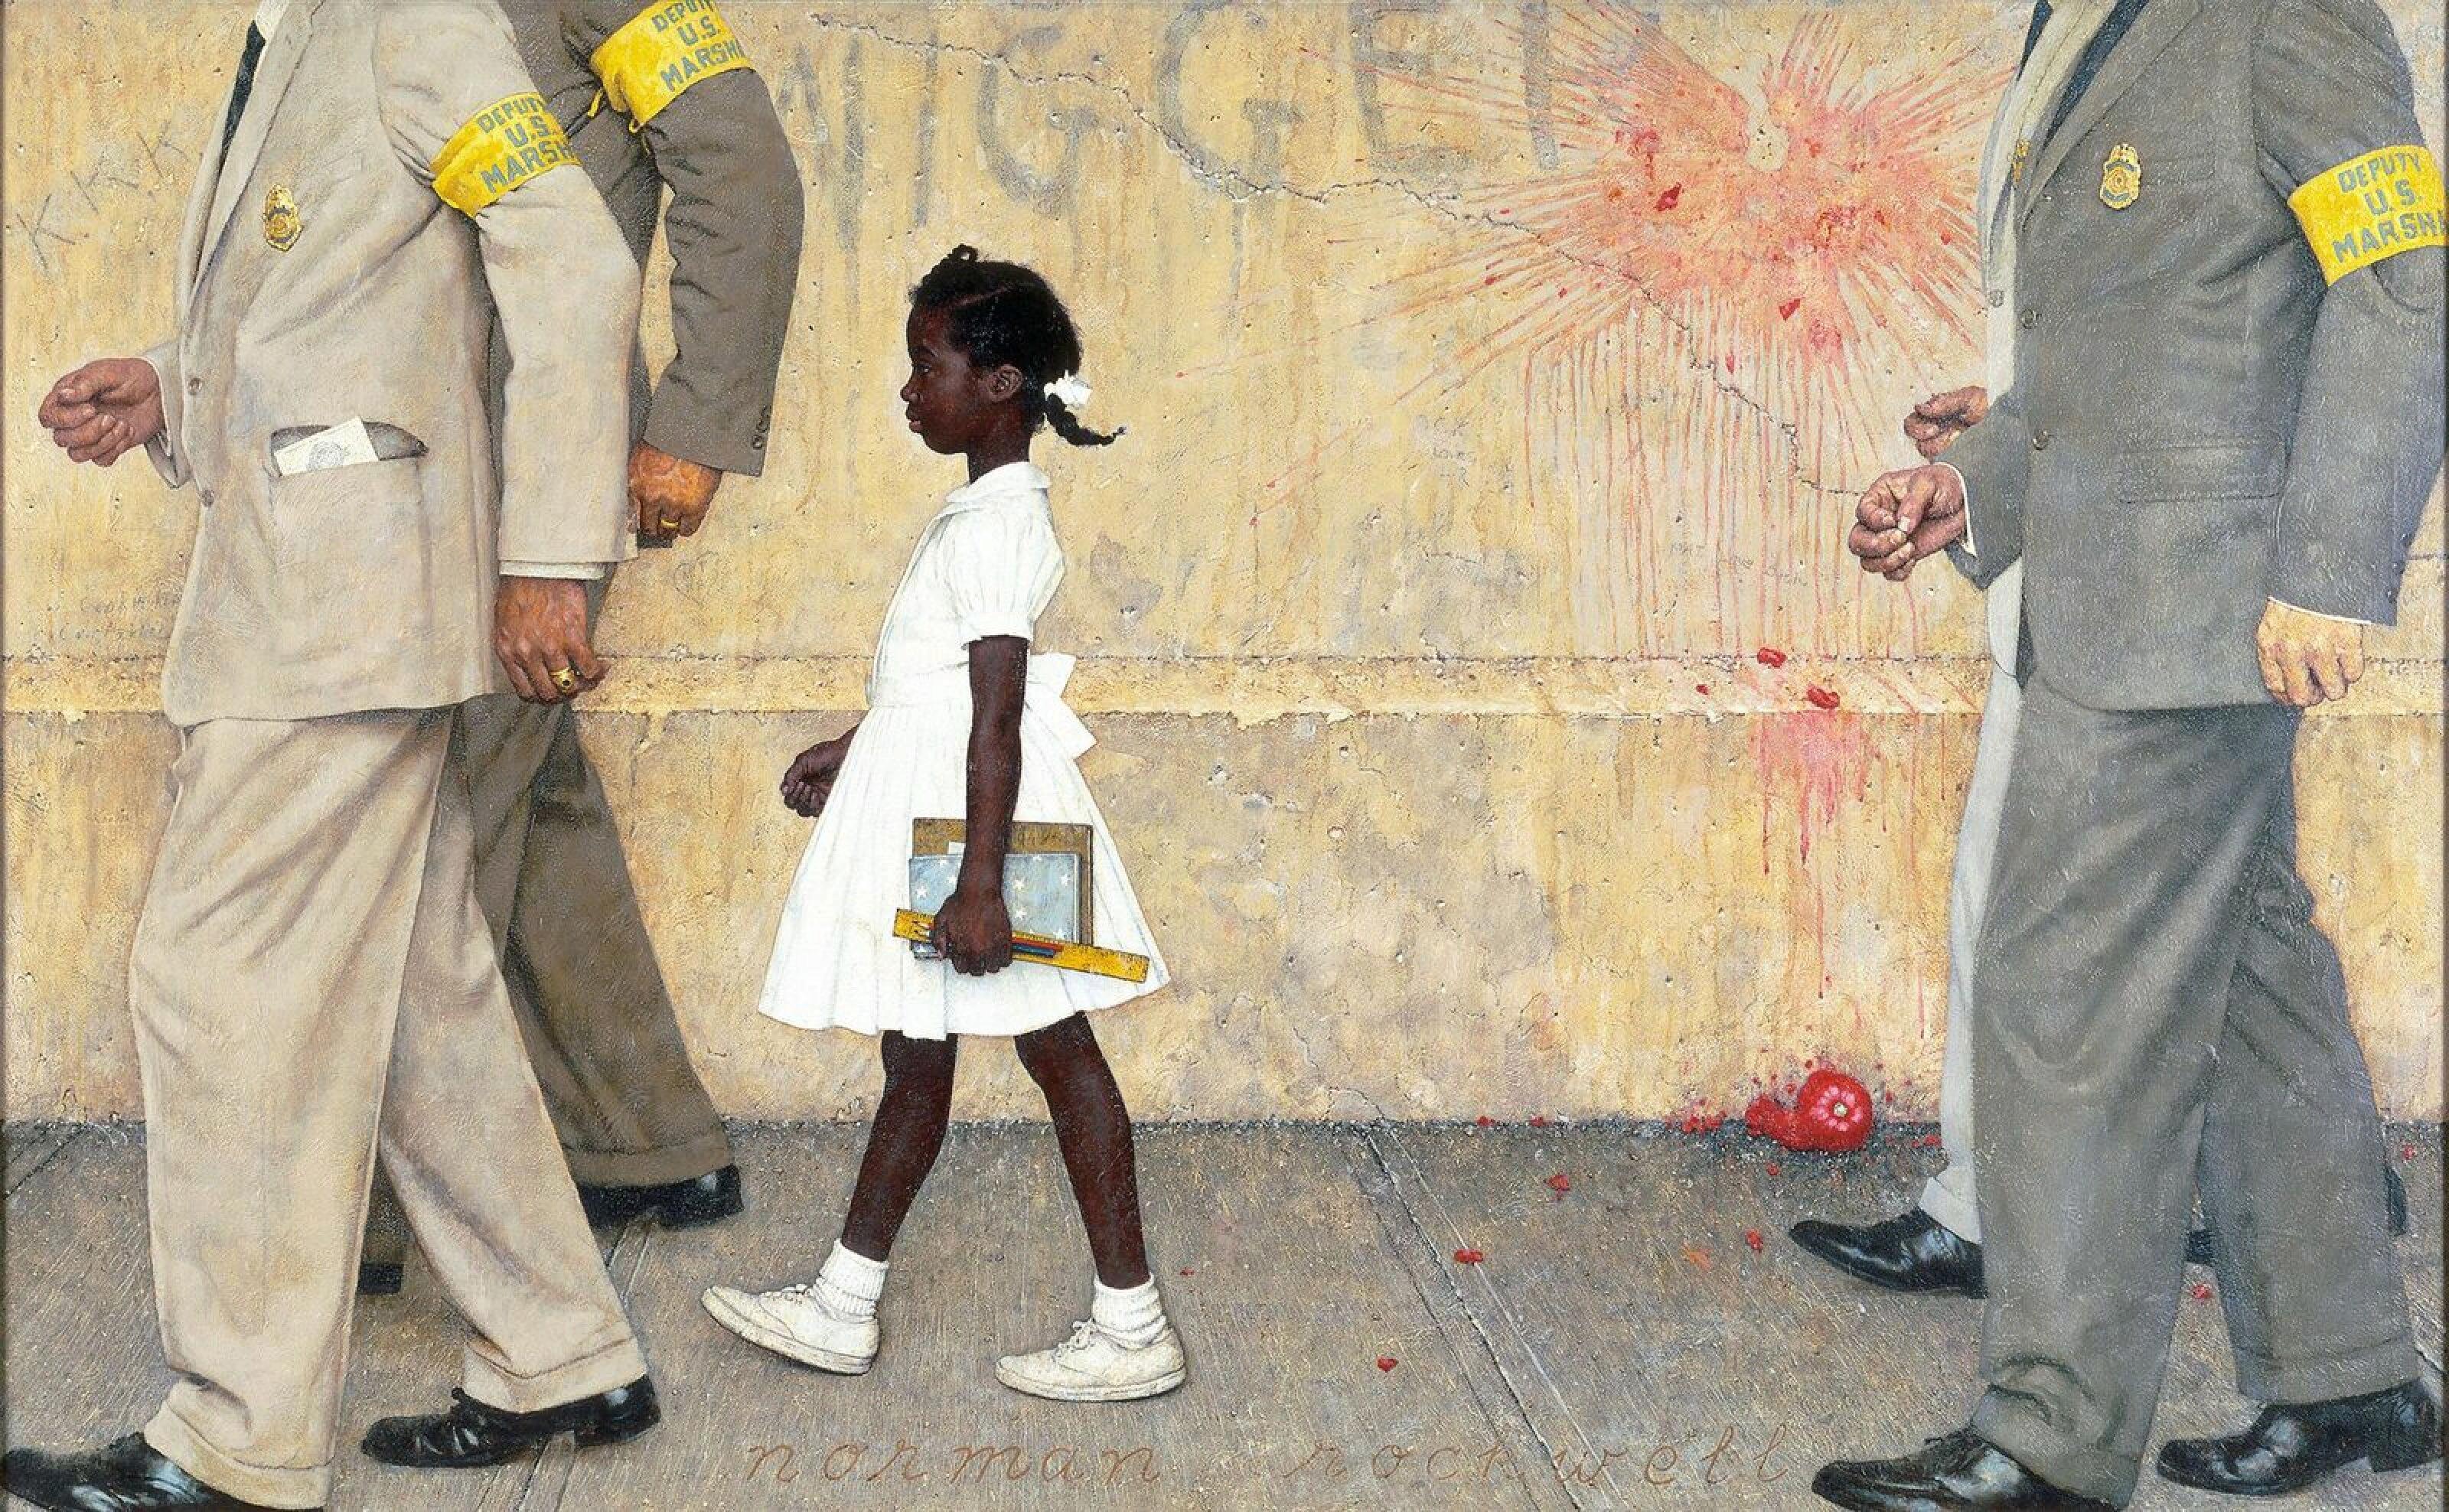 «Проблема, с которой мы все живём»*. Картина Нормана Роквелла считается культовой в «Движении за гражданские права чернокожих в США». Шестилетнюю негритянскую девочку Руби Бриджес из-за угрозы насилия над ней сопровождают четверо сотрудников Службы маршалов (приставов). Головы маршалов обрезаны по плечи, на стене видны надписи «ниггер» и «ККК». Белых протестующих не видно, так как зритель смотрит на происходящее с их точки зрения.